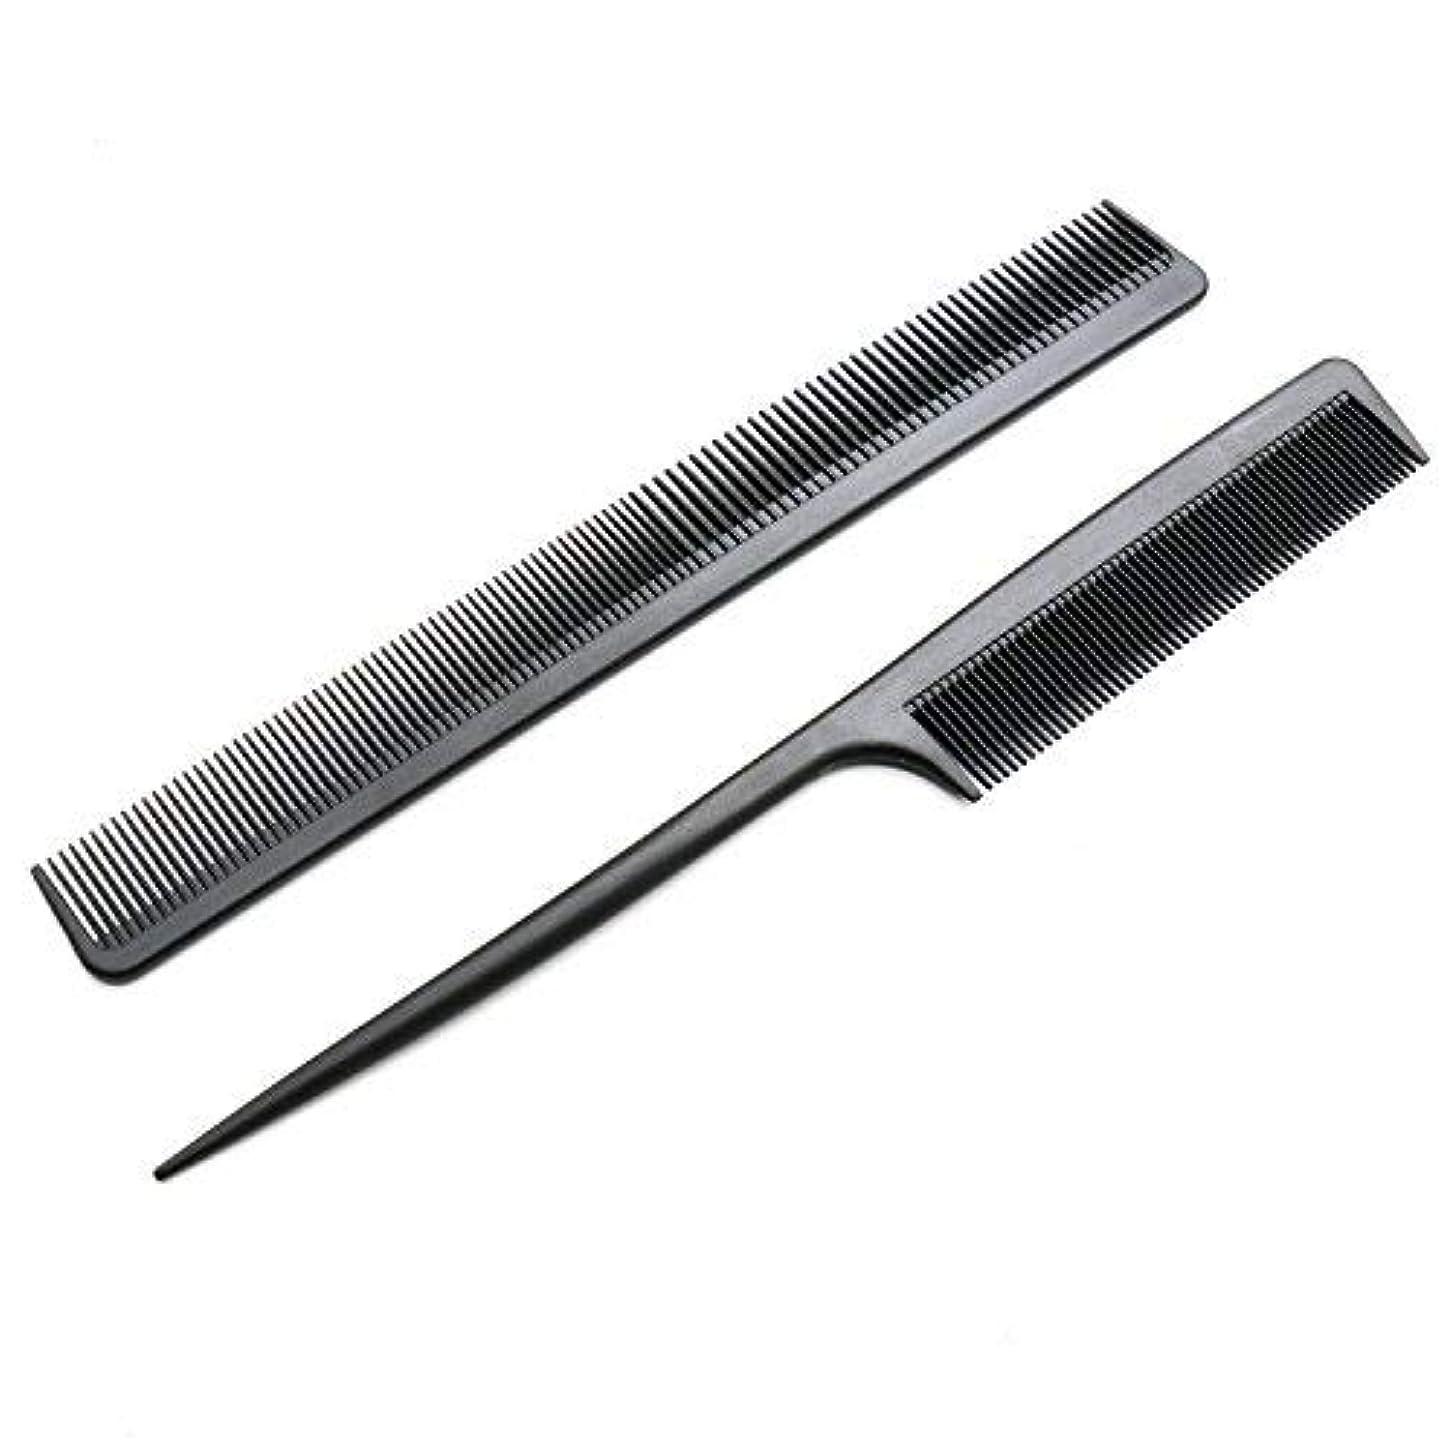 ぎこちないピジン伴う2 Pack Carbon Fiber Anti Static Chemical And Heat Resistant Tail Comb For All Hair Types,Black [並行輸入品]